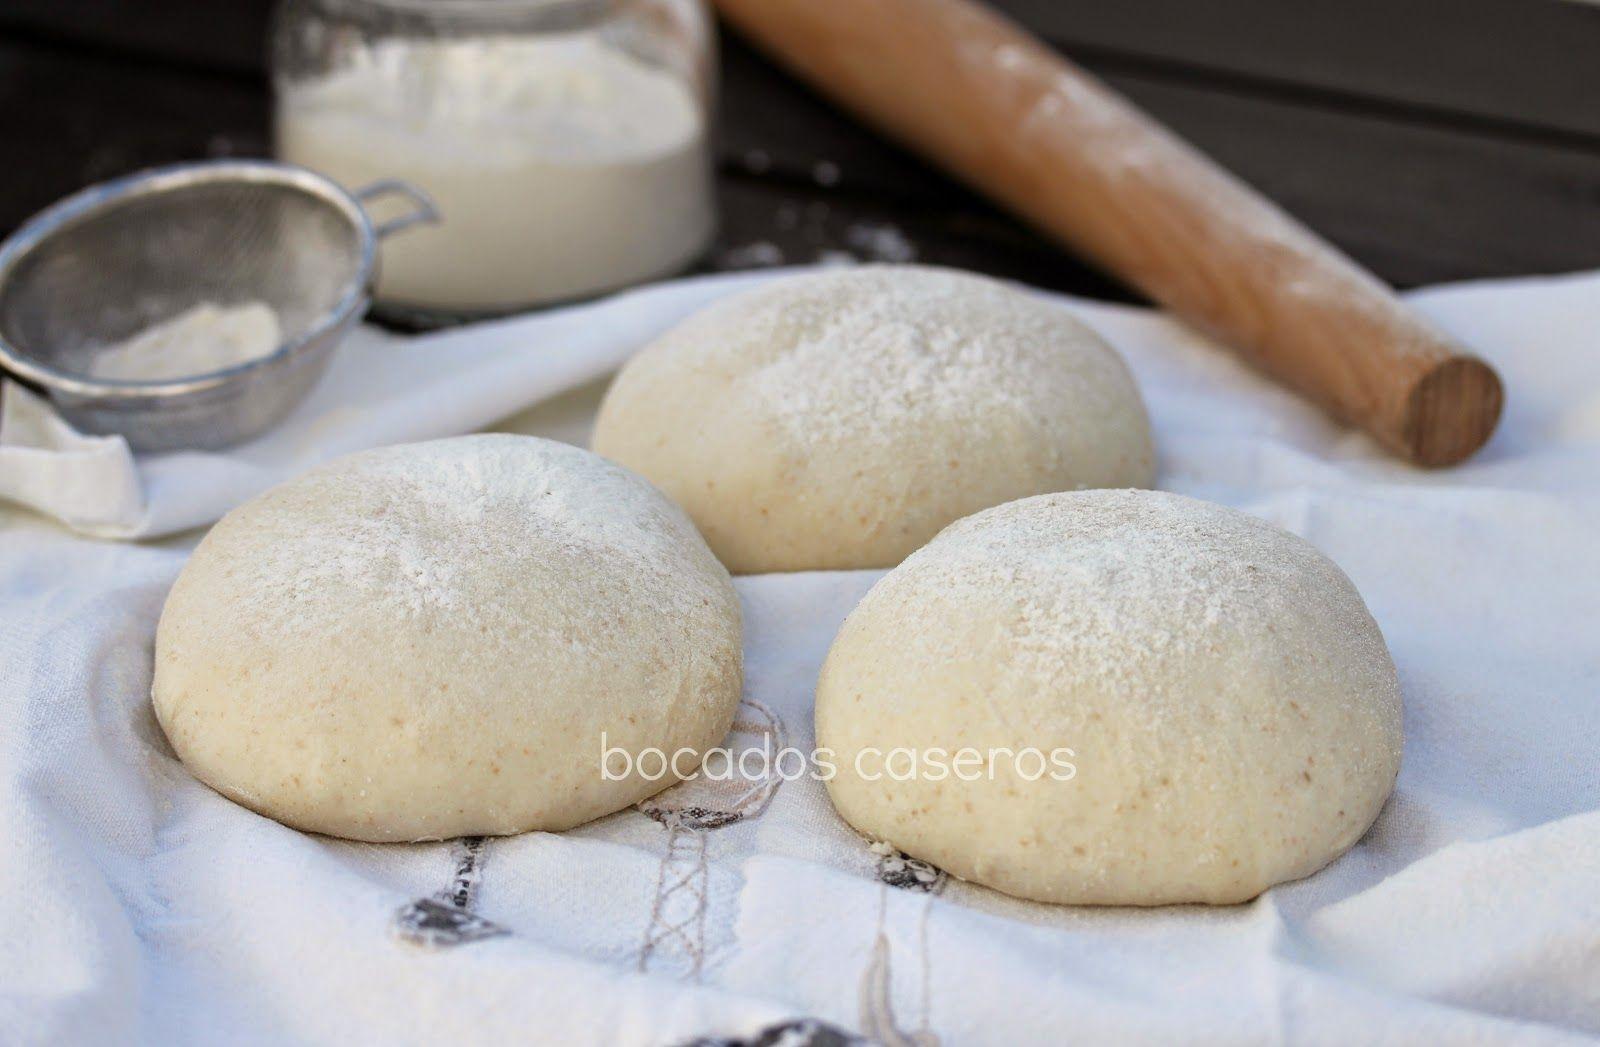 Bocados Caseros Cómo Hacer Masa De Pizza Italiana Fina Y Crujiente Masa Para Pizza Recetas De Panadería Recetas De Pizza